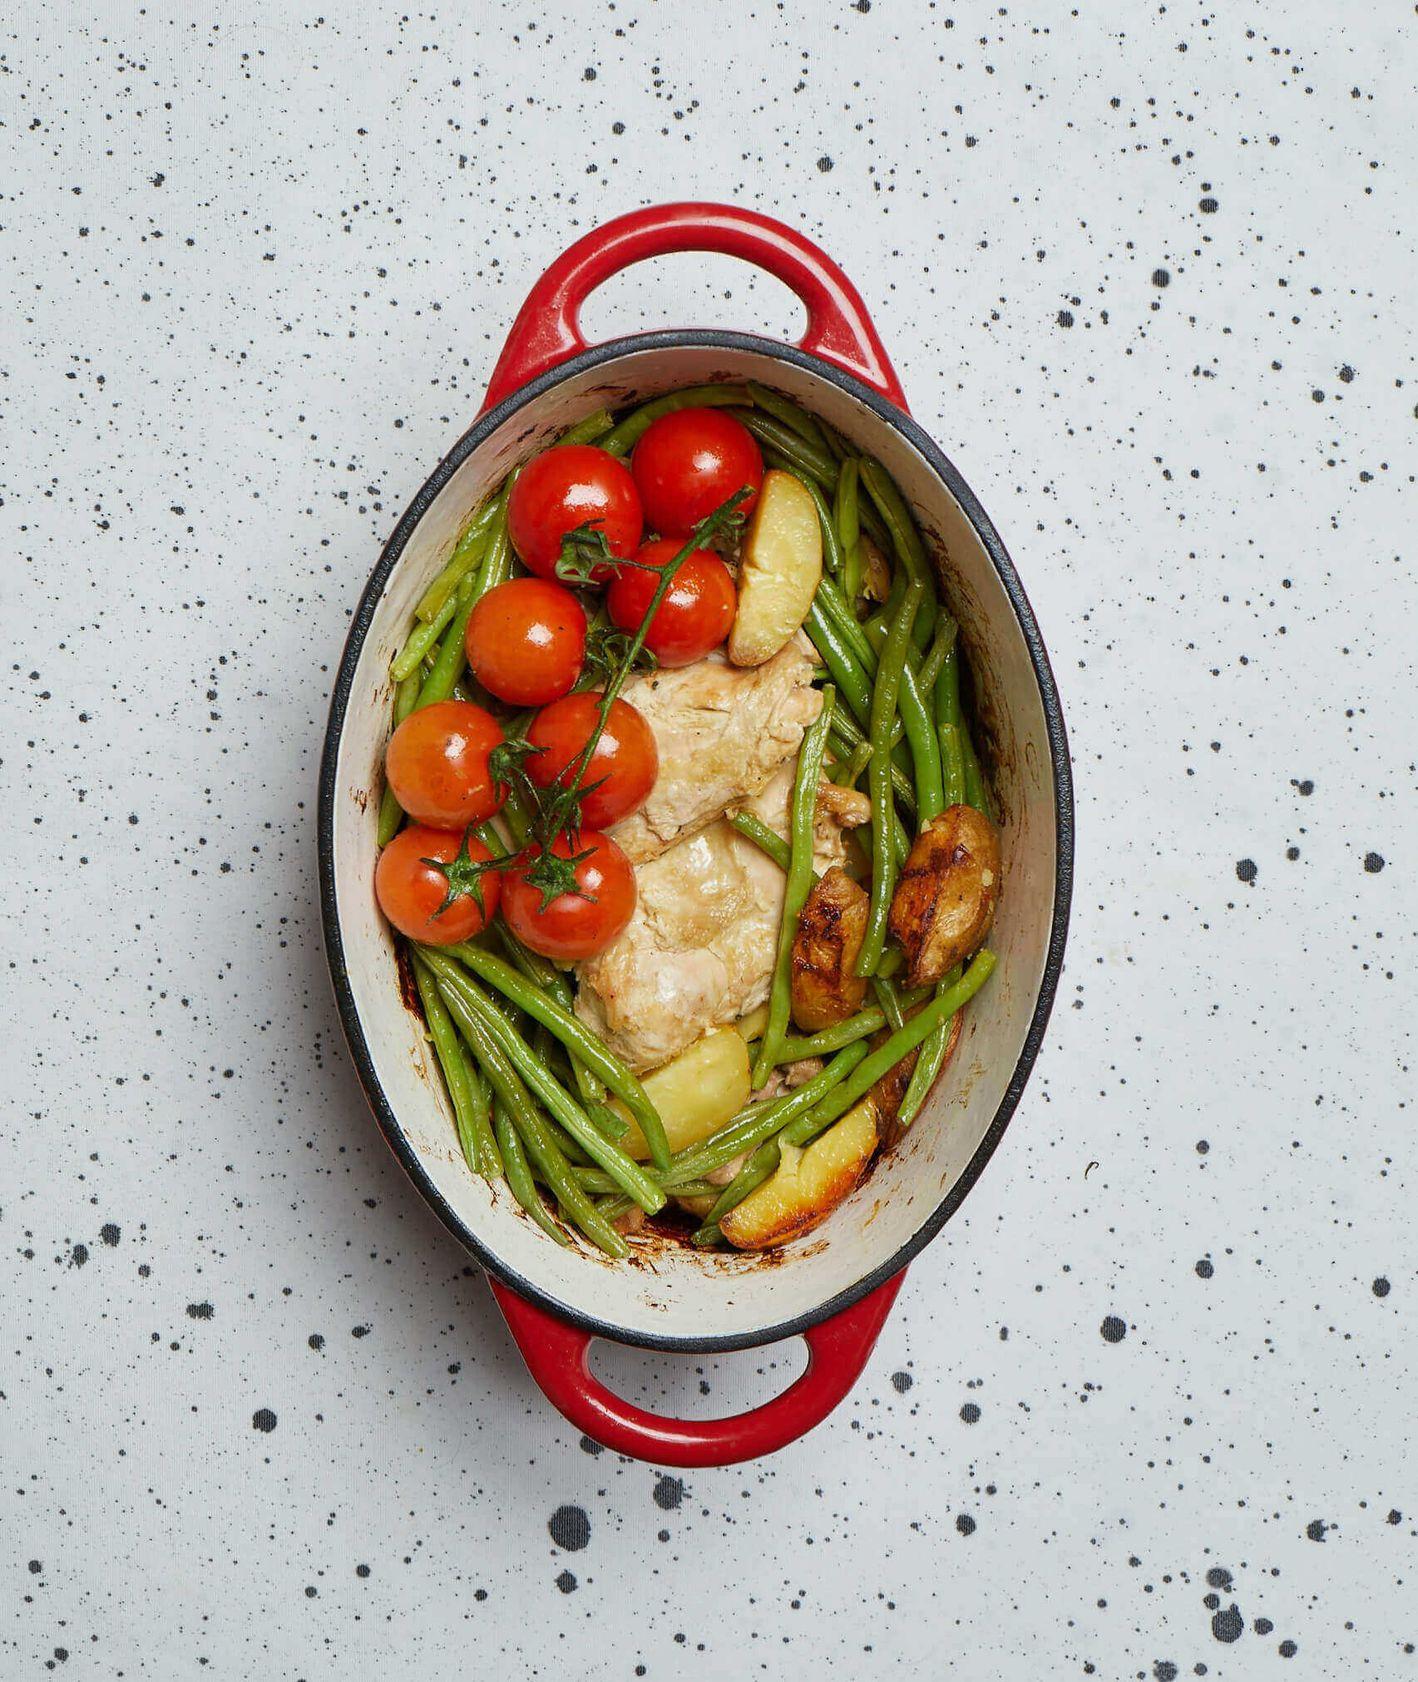 kurczak z warzywami, pieczony kurczak, danie jednogarnkowe, pieczone pomidory, fasolka szparagowa, rodzinny obiad, obiad dla całej rodziny, szybki obiad, danie jednogarnkowe, obiad z piekarnika, sos musztardowy